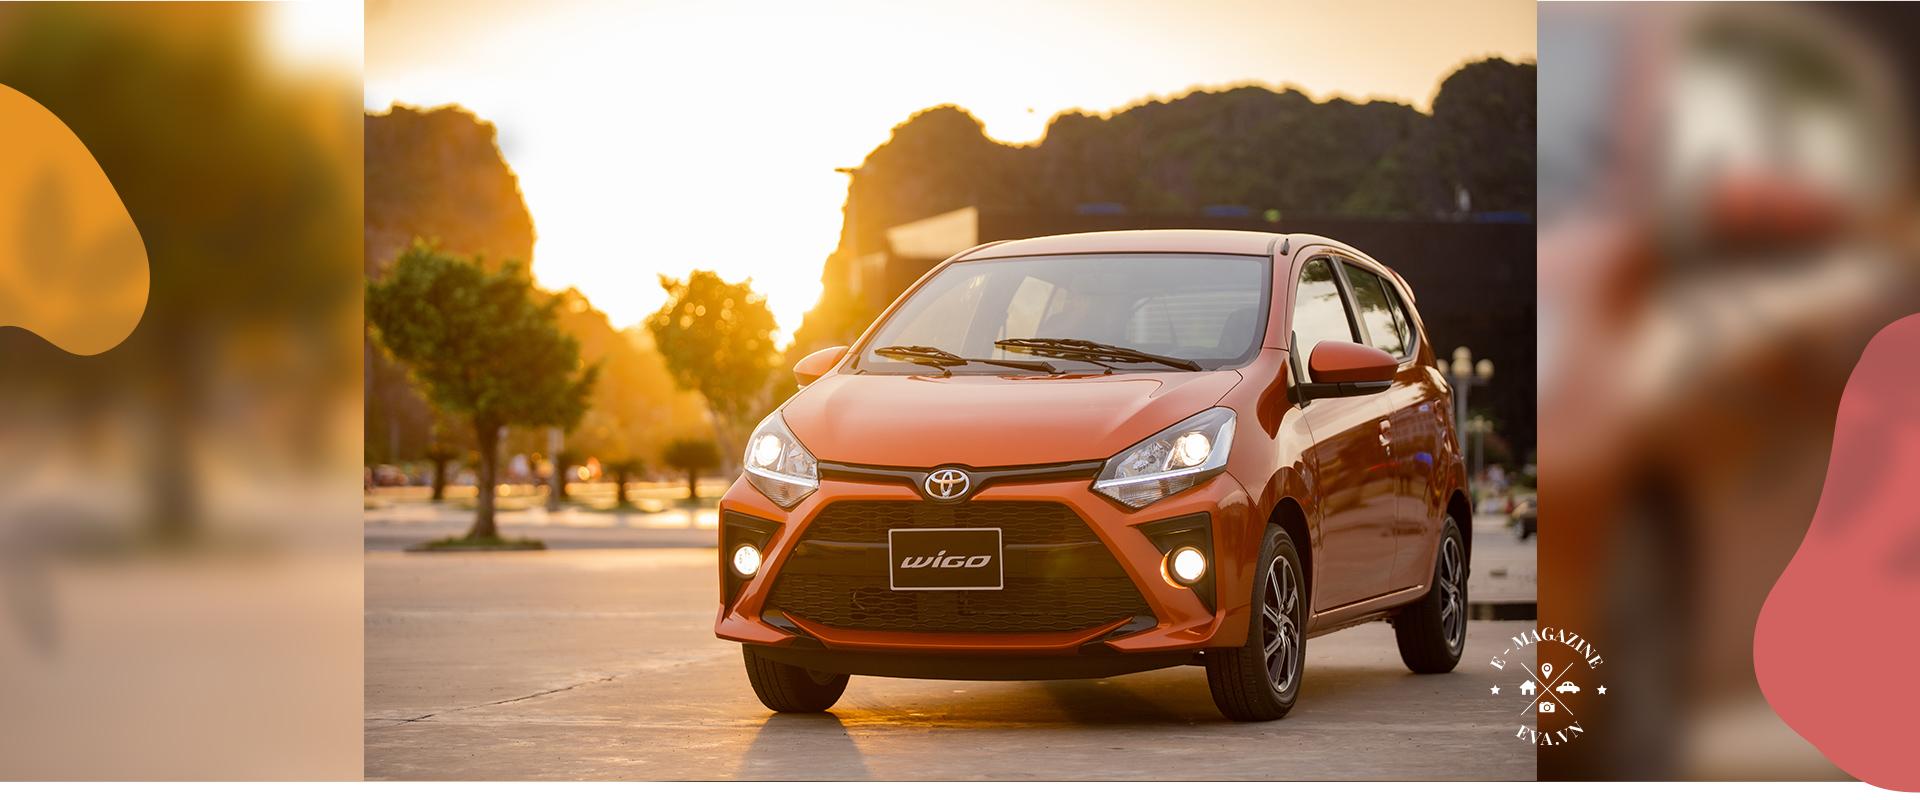 Một ngày bận rộn cùng Toyota WIGO 2020 và cô nàng cá tính - 10